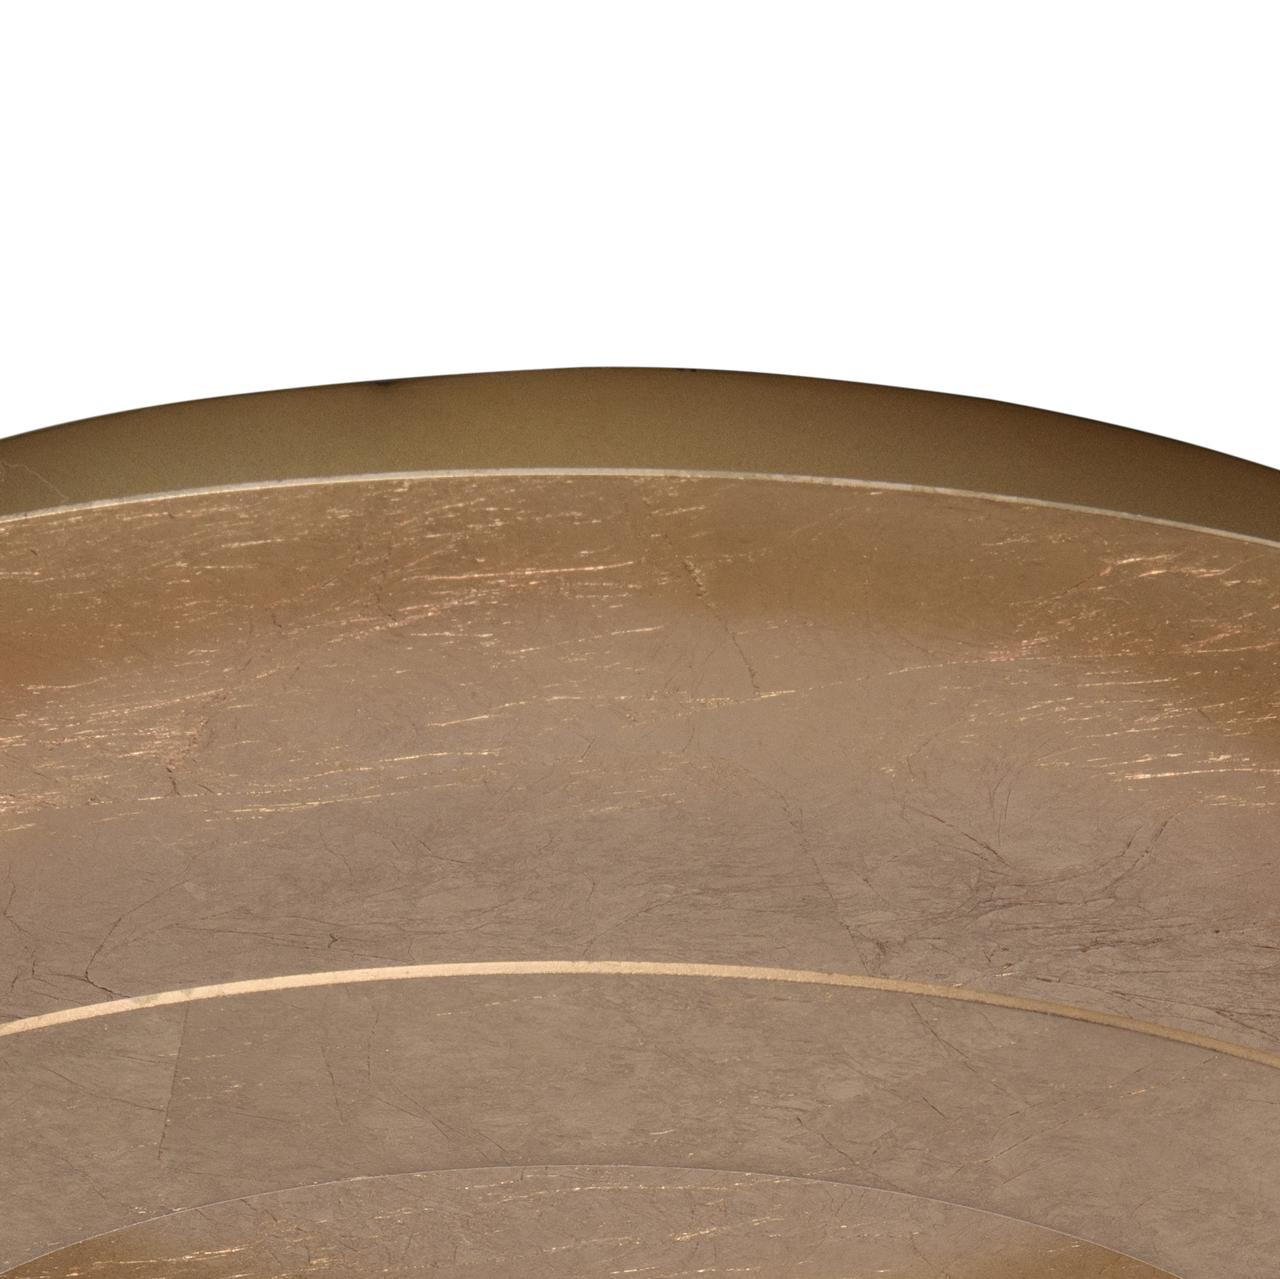 Потолочный светодиодный светильник De Markt Галатея 452011701, LED 18W, 3000K (теплый), матовое золото, металл - фото 9